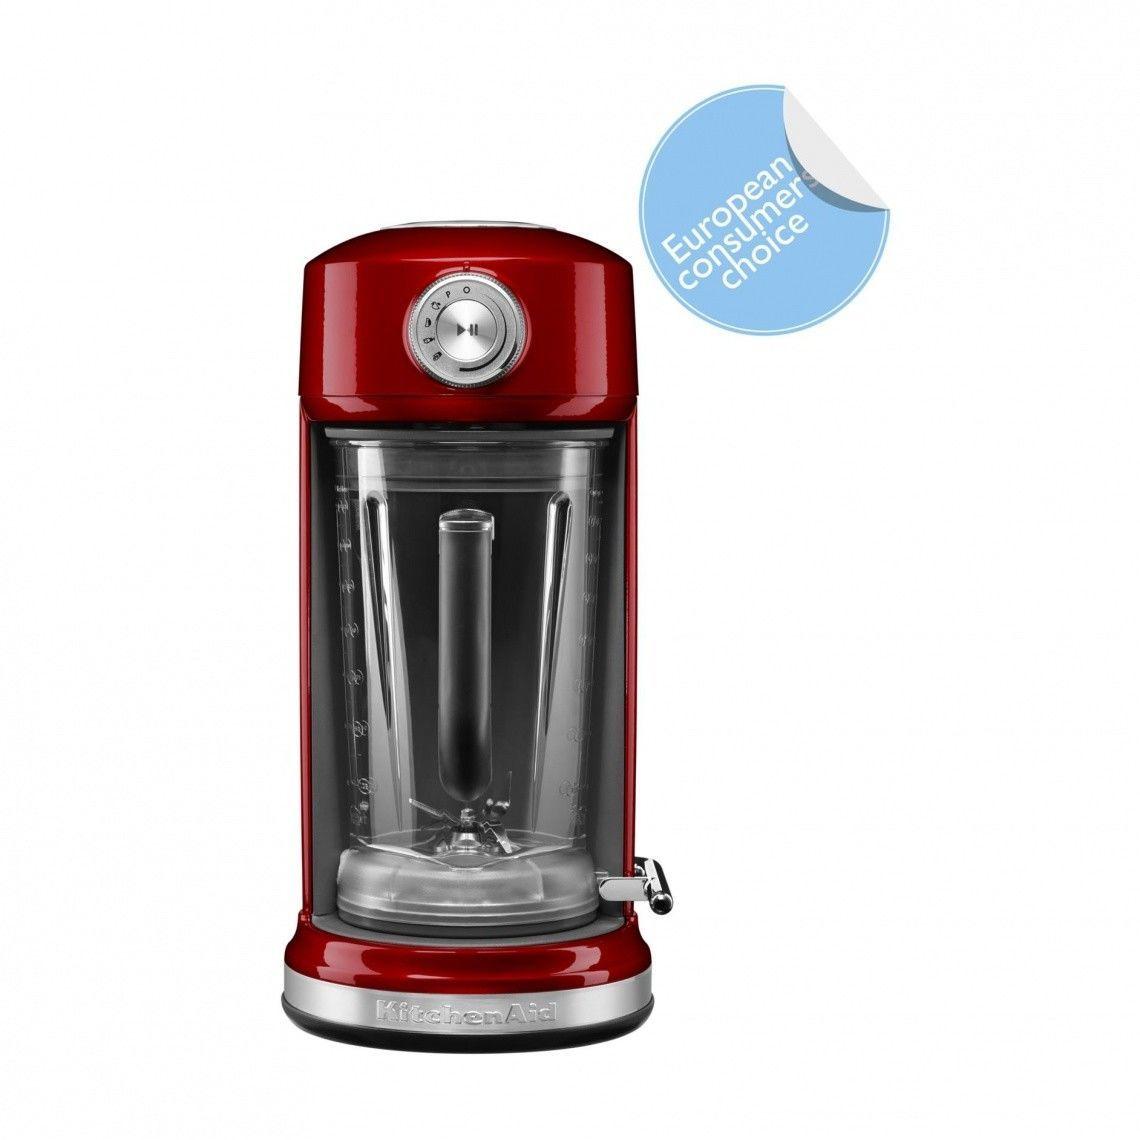 artisan 5ksb5080 blender mixeur magn tique kitchenaid. Black Bedroom Furniture Sets. Home Design Ideas